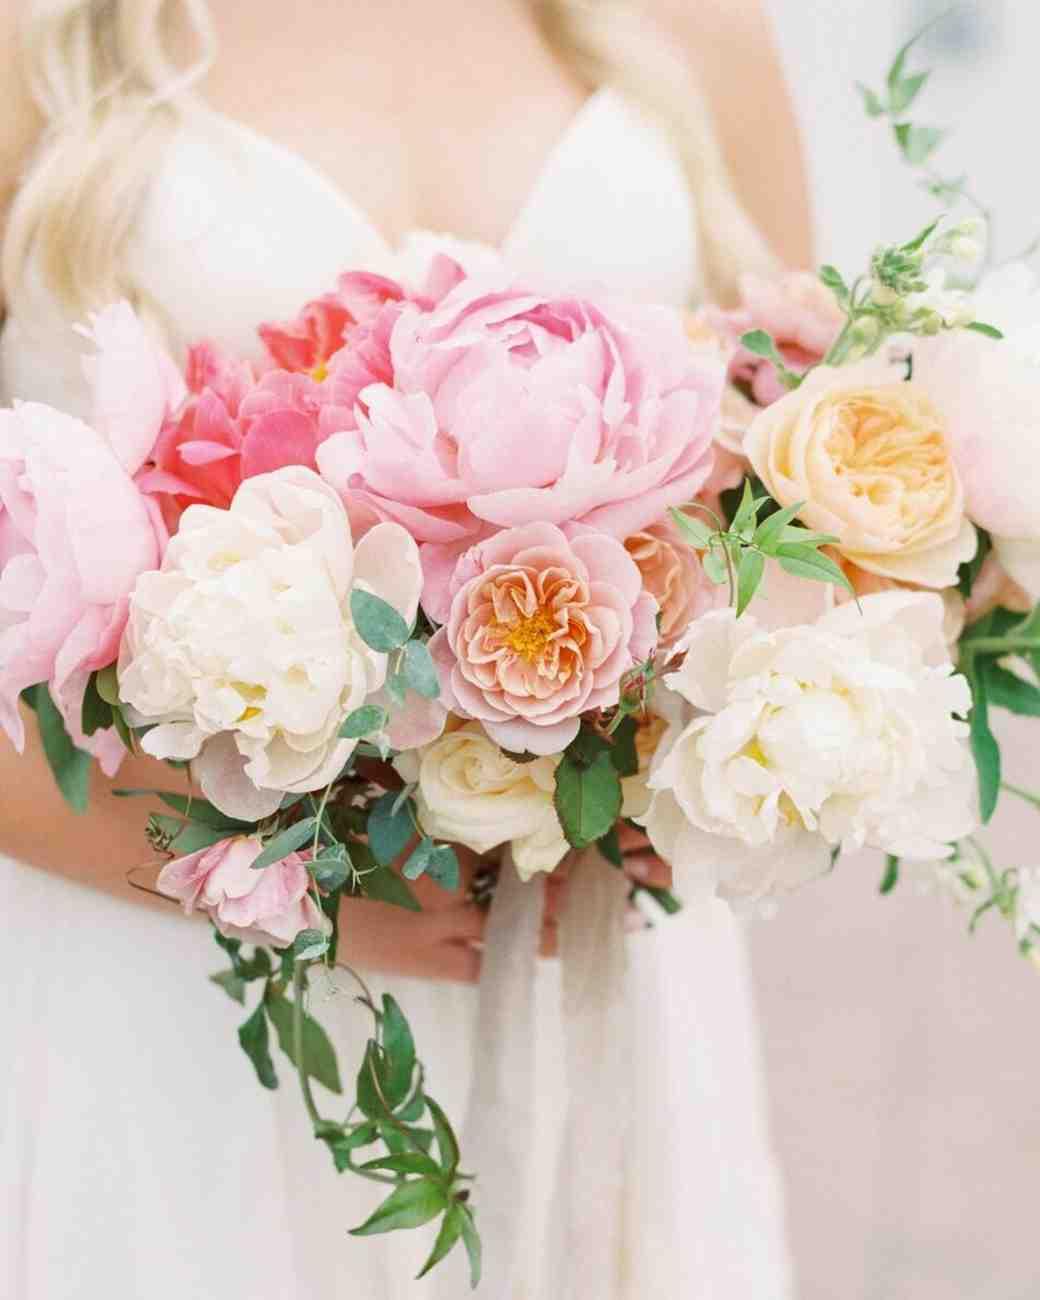 Flower Wedding Bouquet Idea: Florida-Photo-Magazine.com